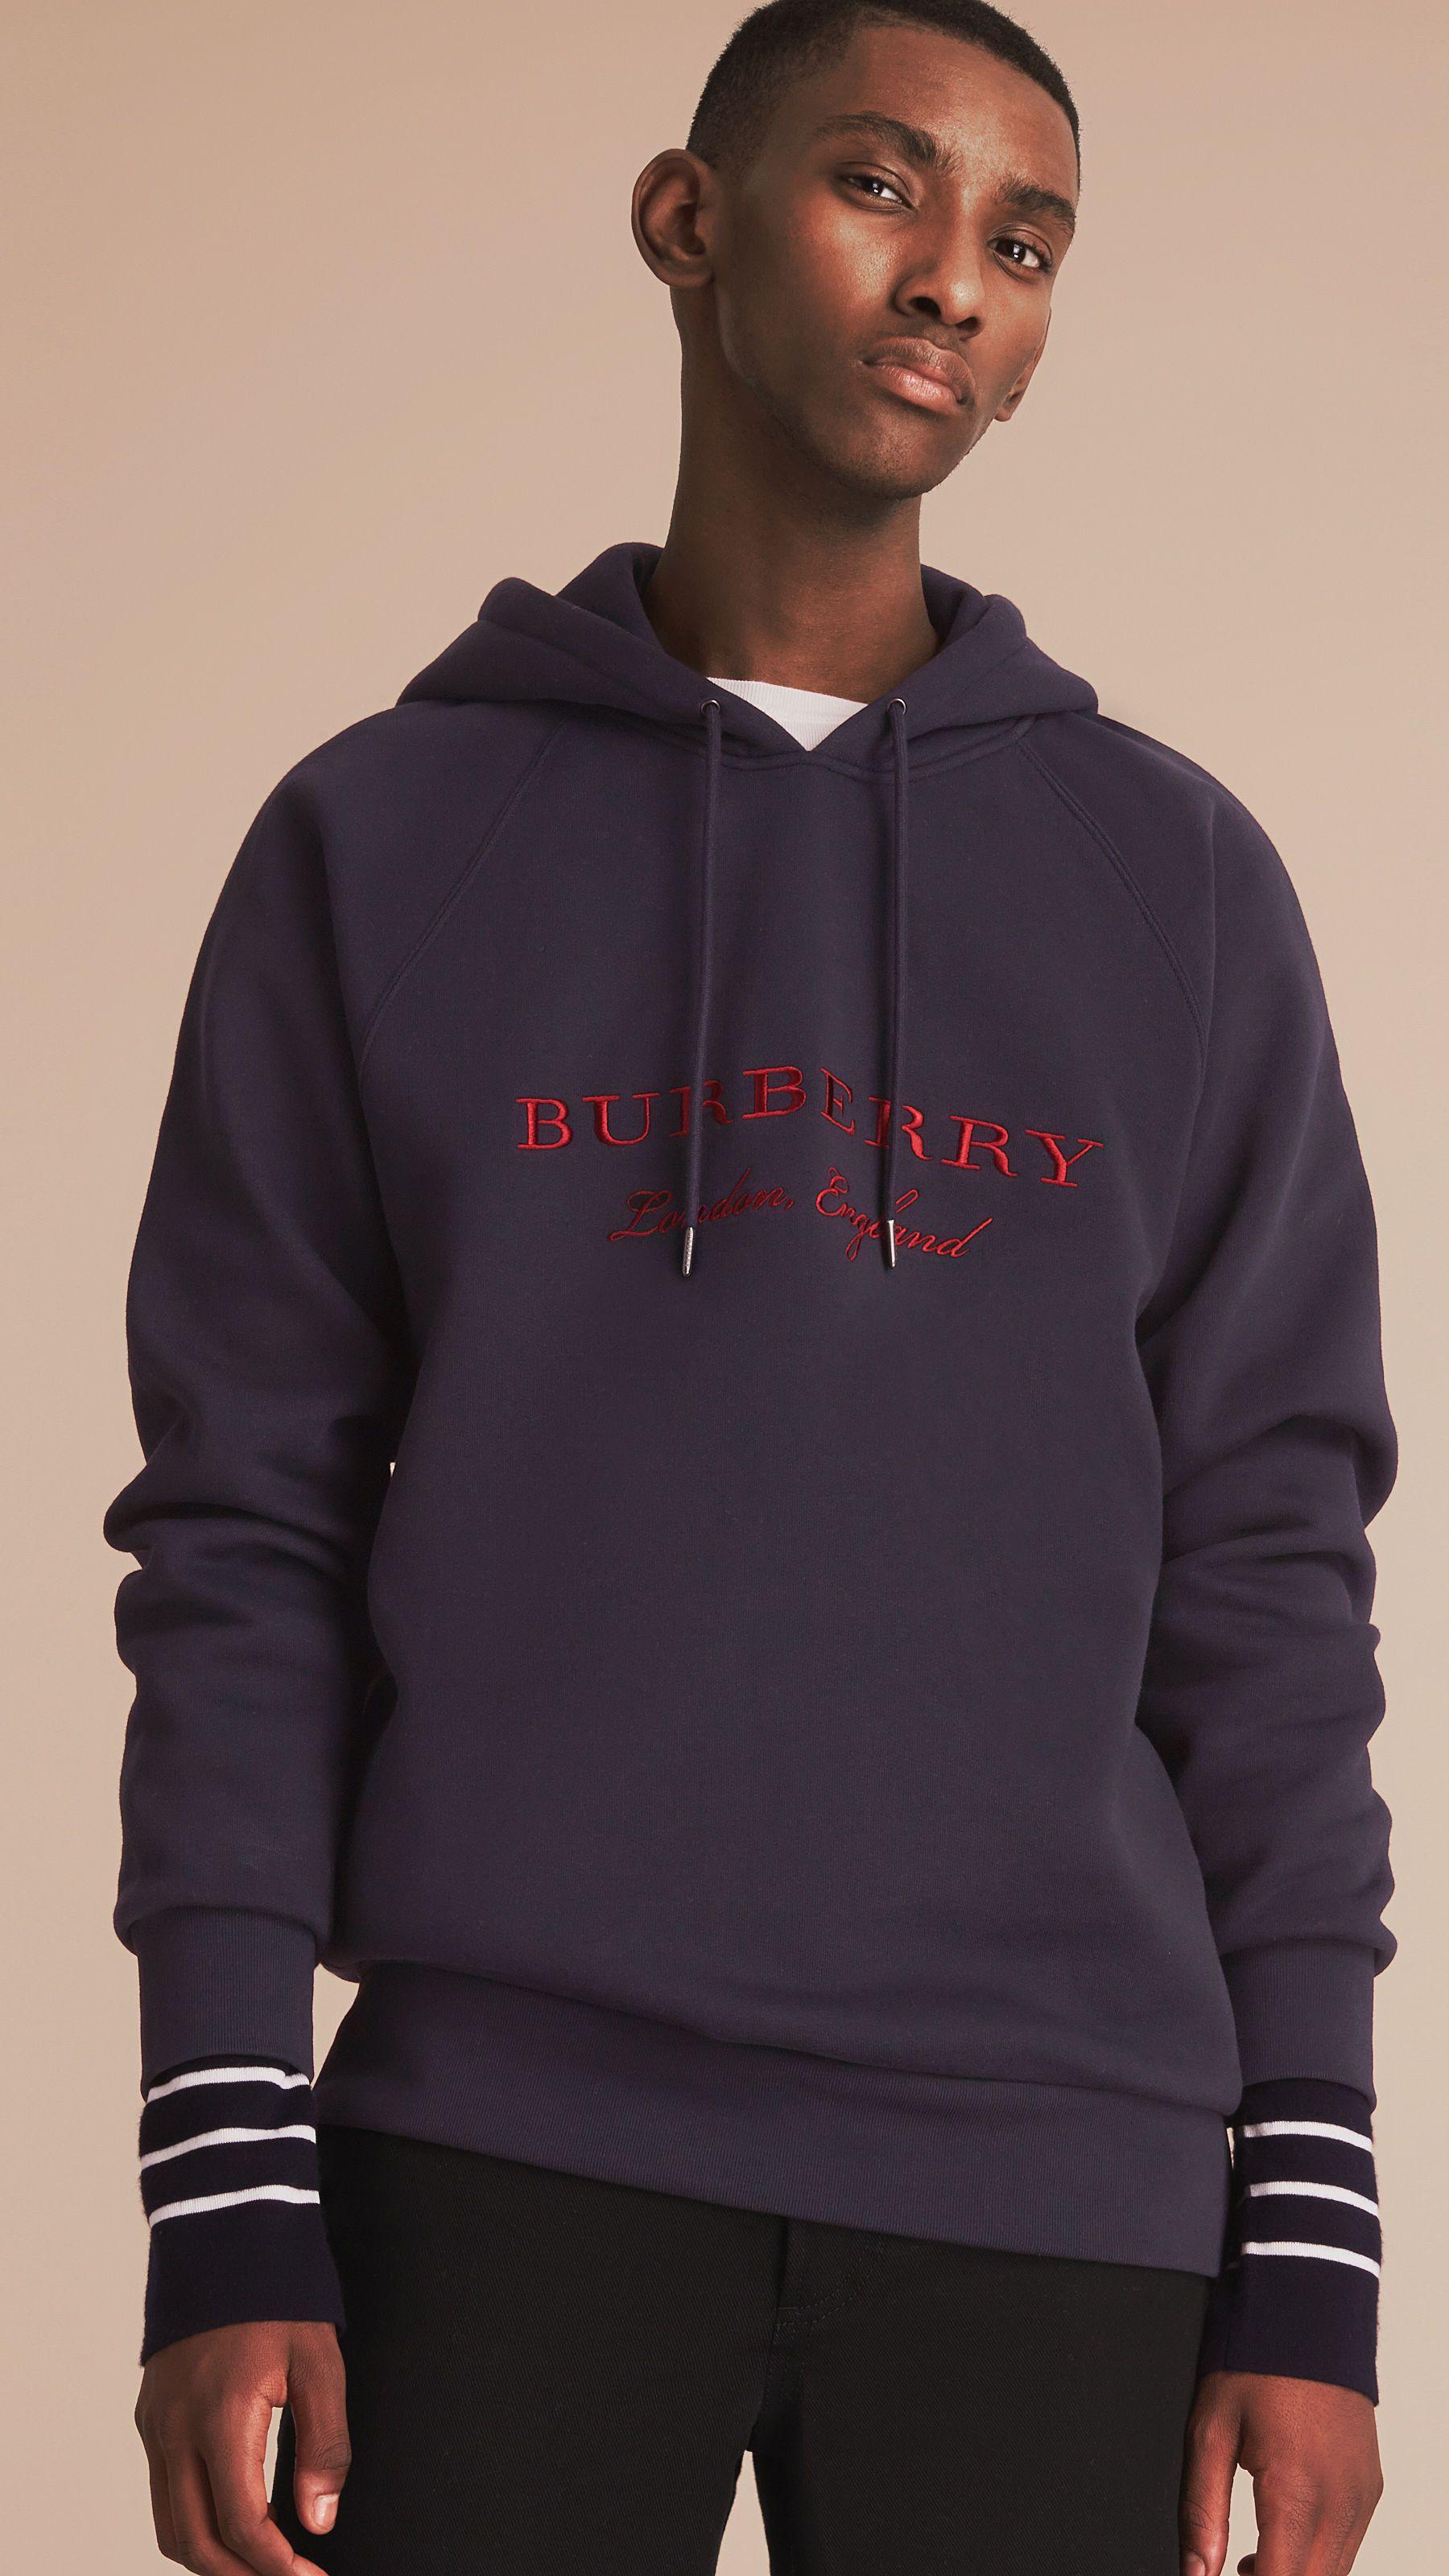 Men S Designer Hoodies Sweatshirts Burberry Official Sweatshirts Hoodie Design Hooded Sweatshirts [ 3200 x 1800 Pixel ]